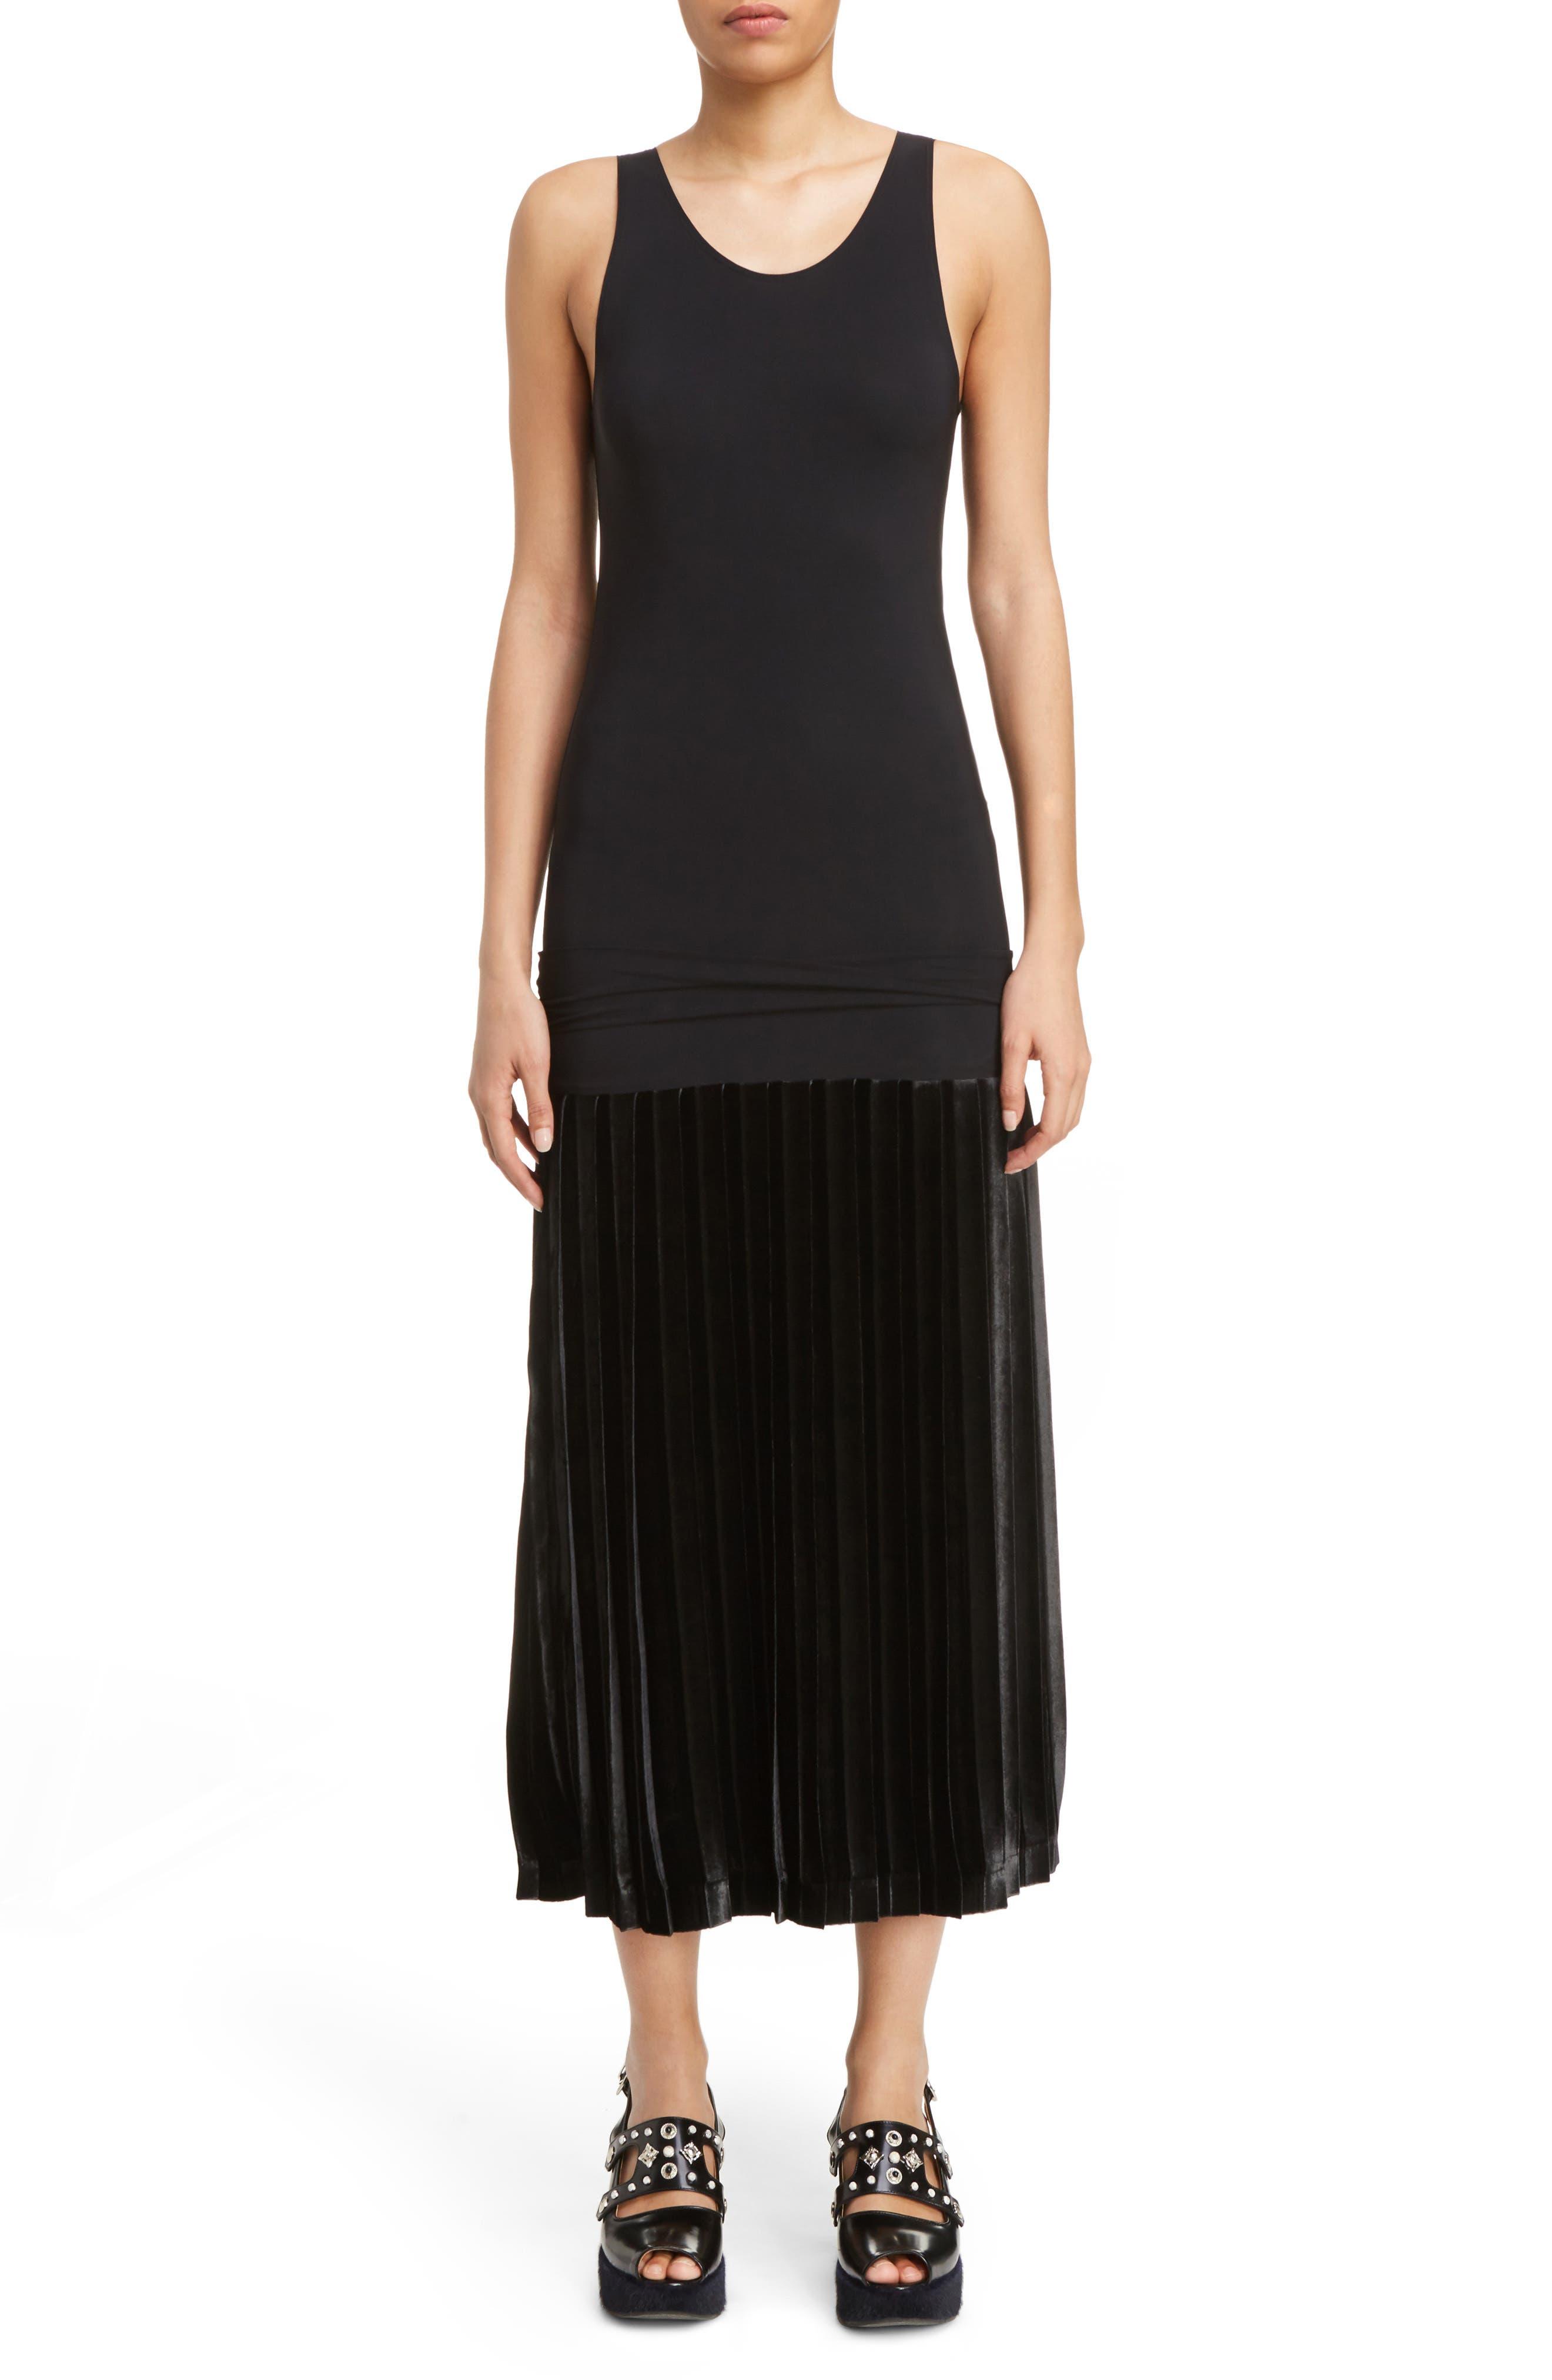 Main Image - Toga Velvet Skirt Tank Dress